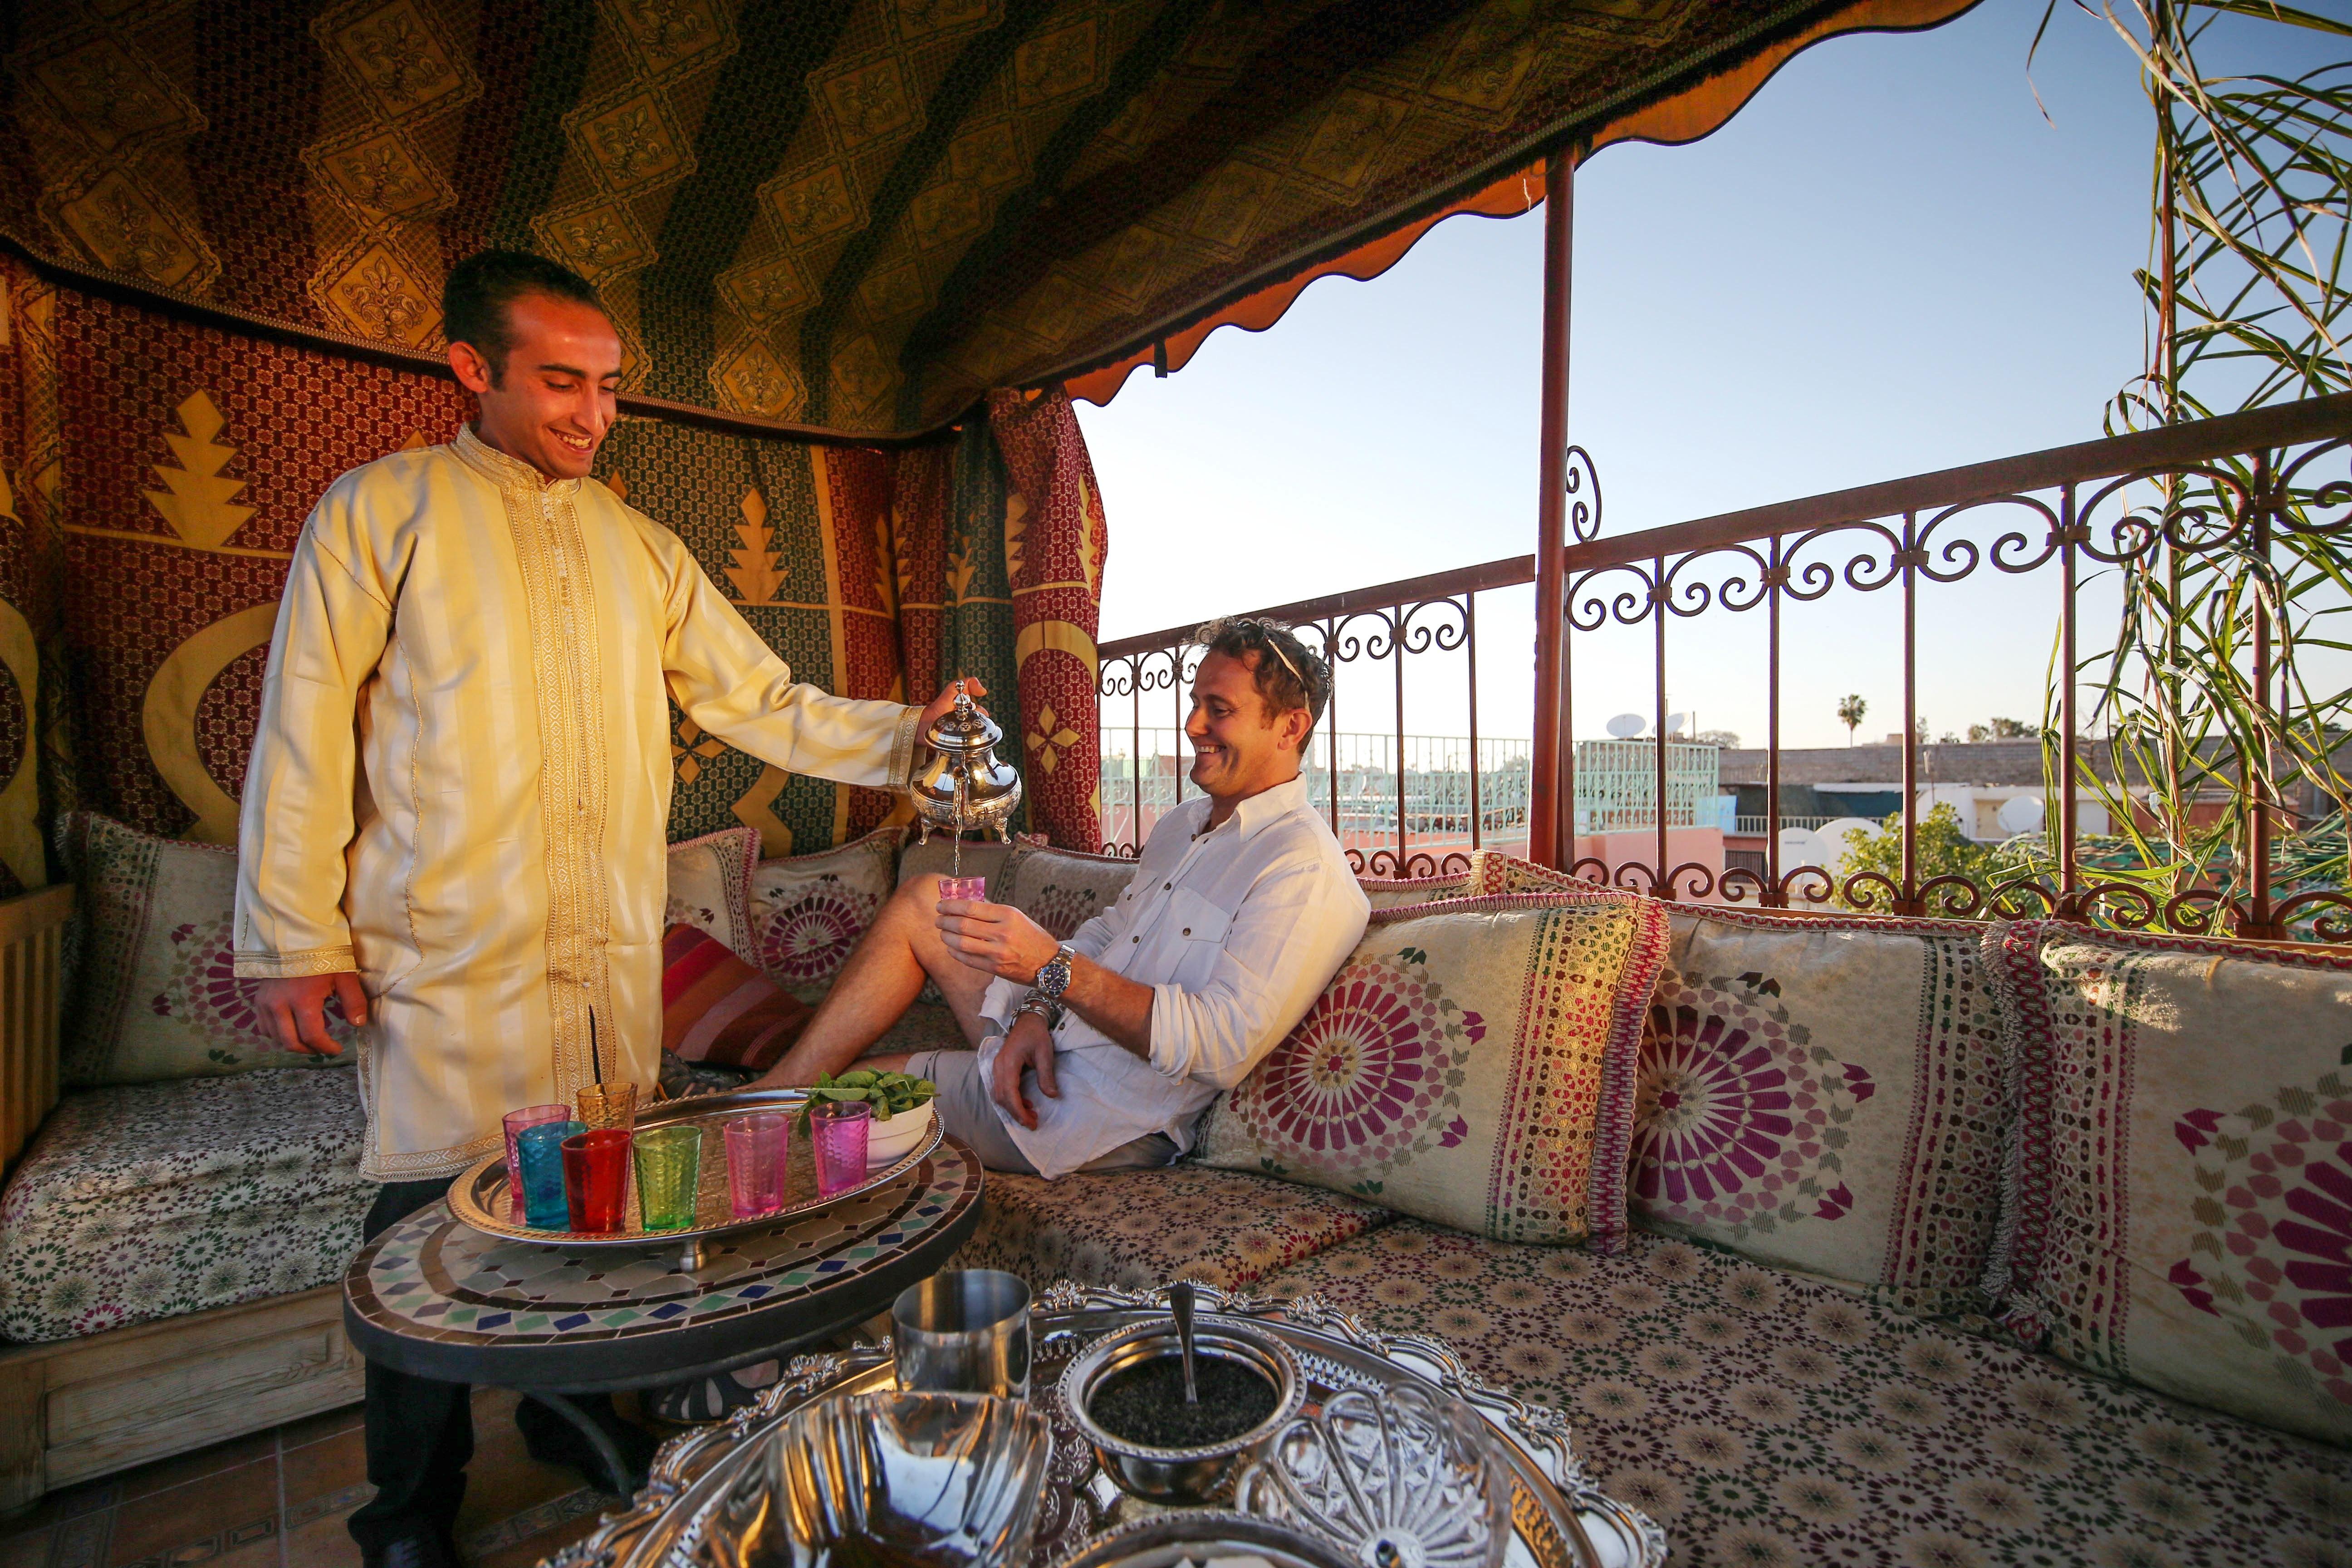 Marrakech Riad Africa Terrace Tent